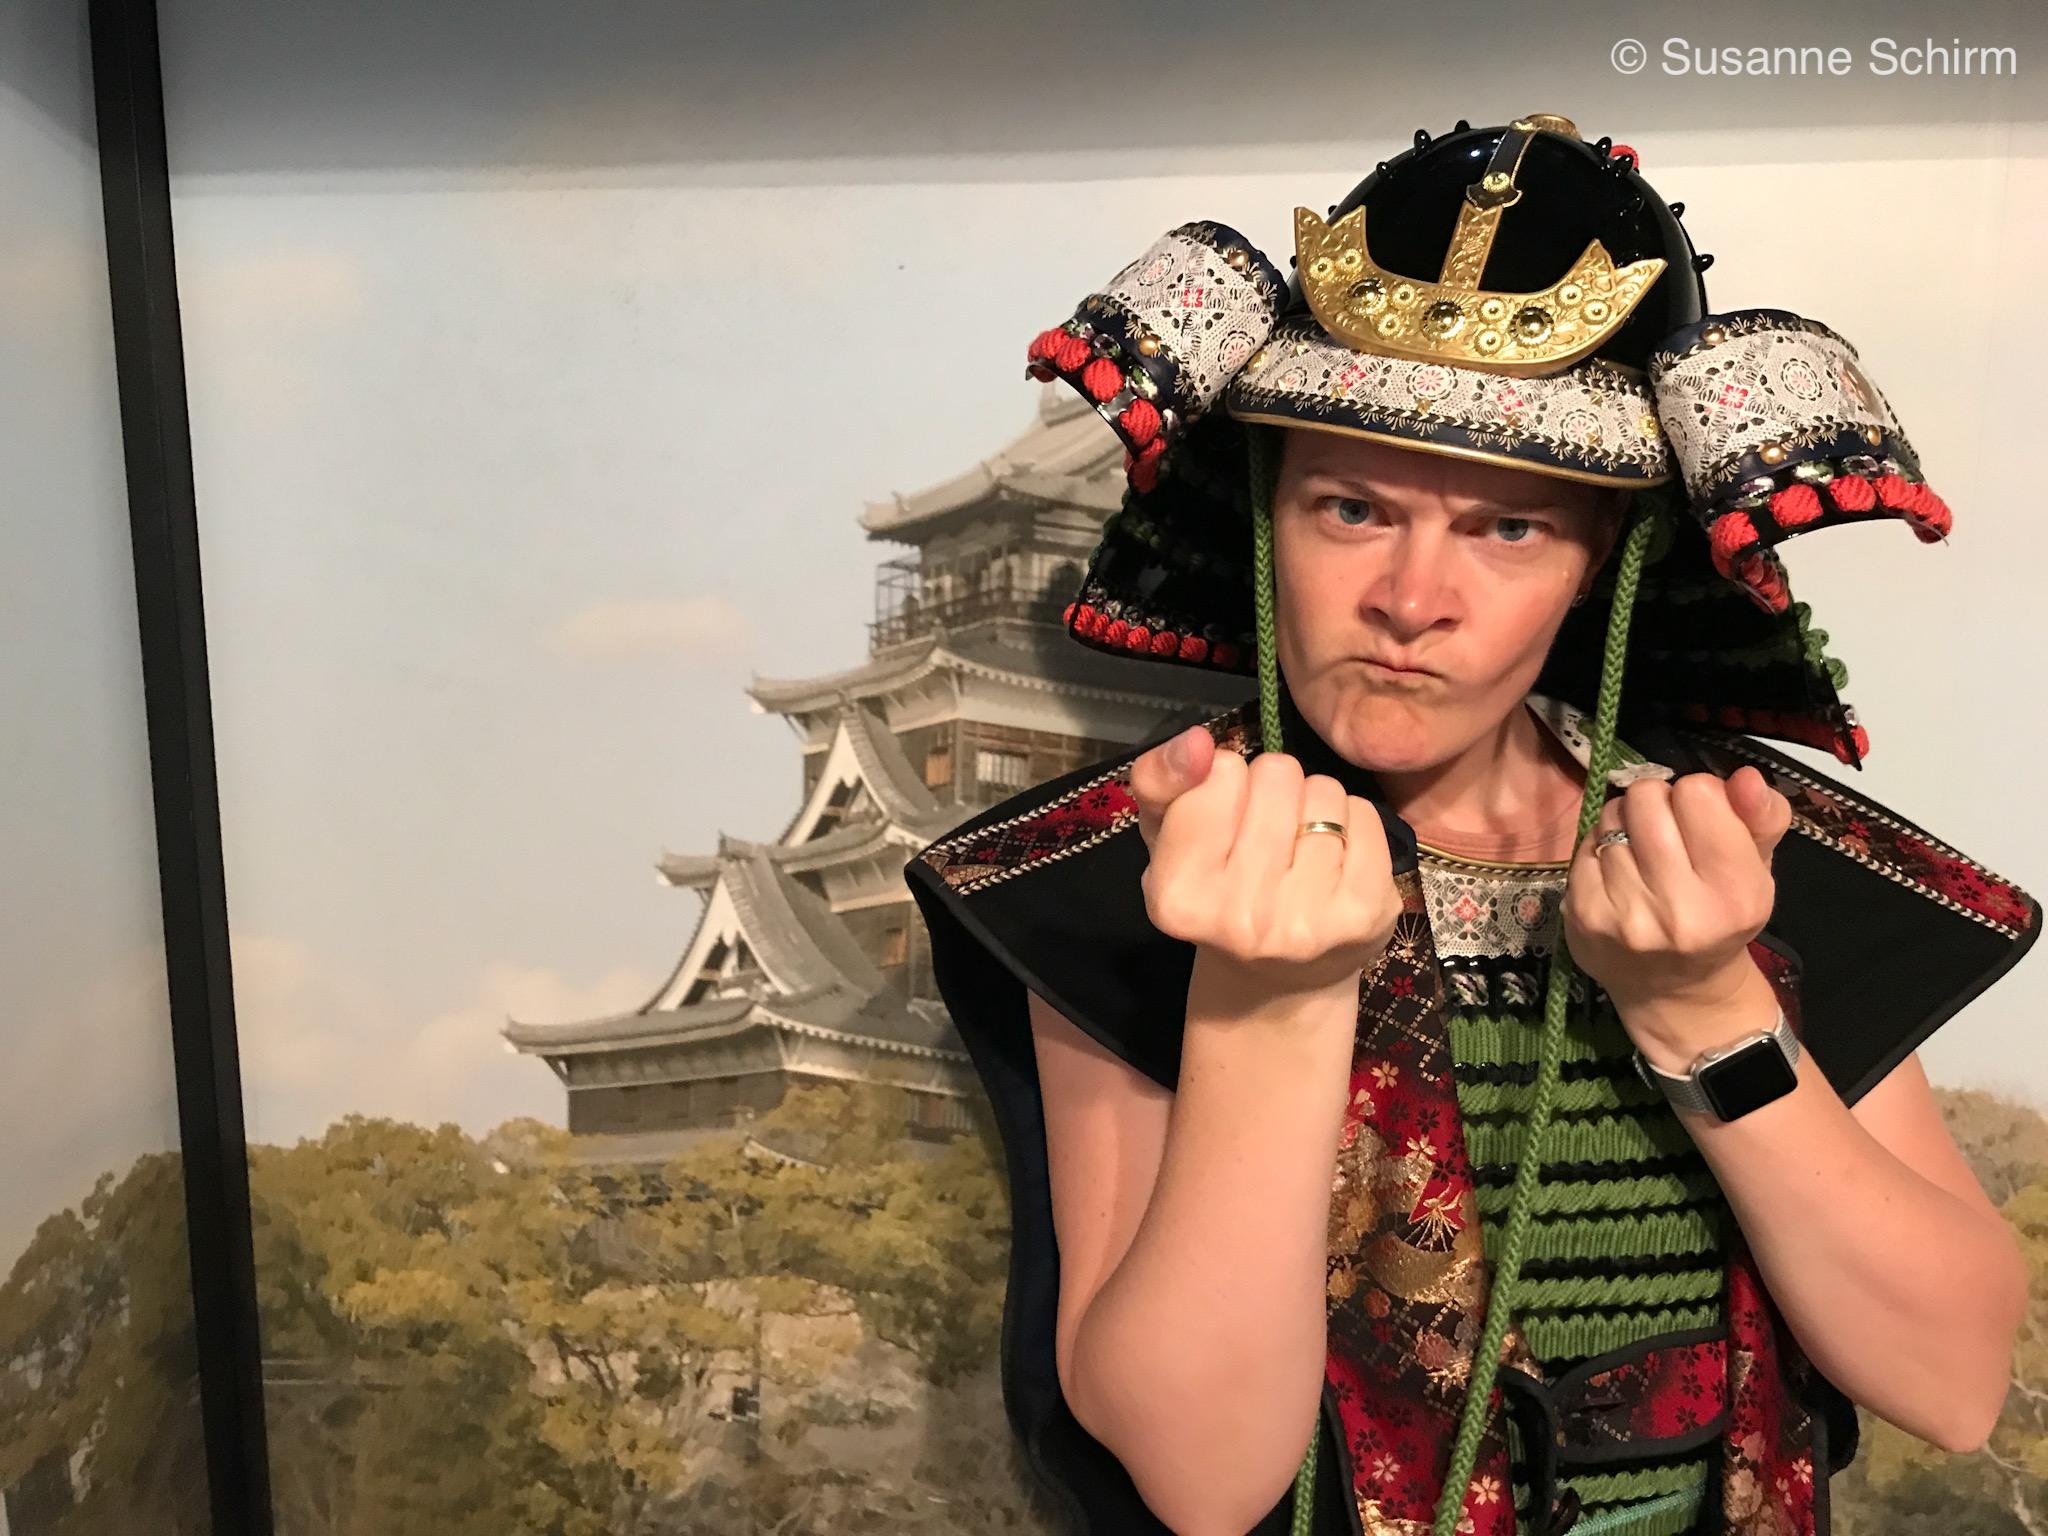 Bild von mir in Samurai-Kostüm